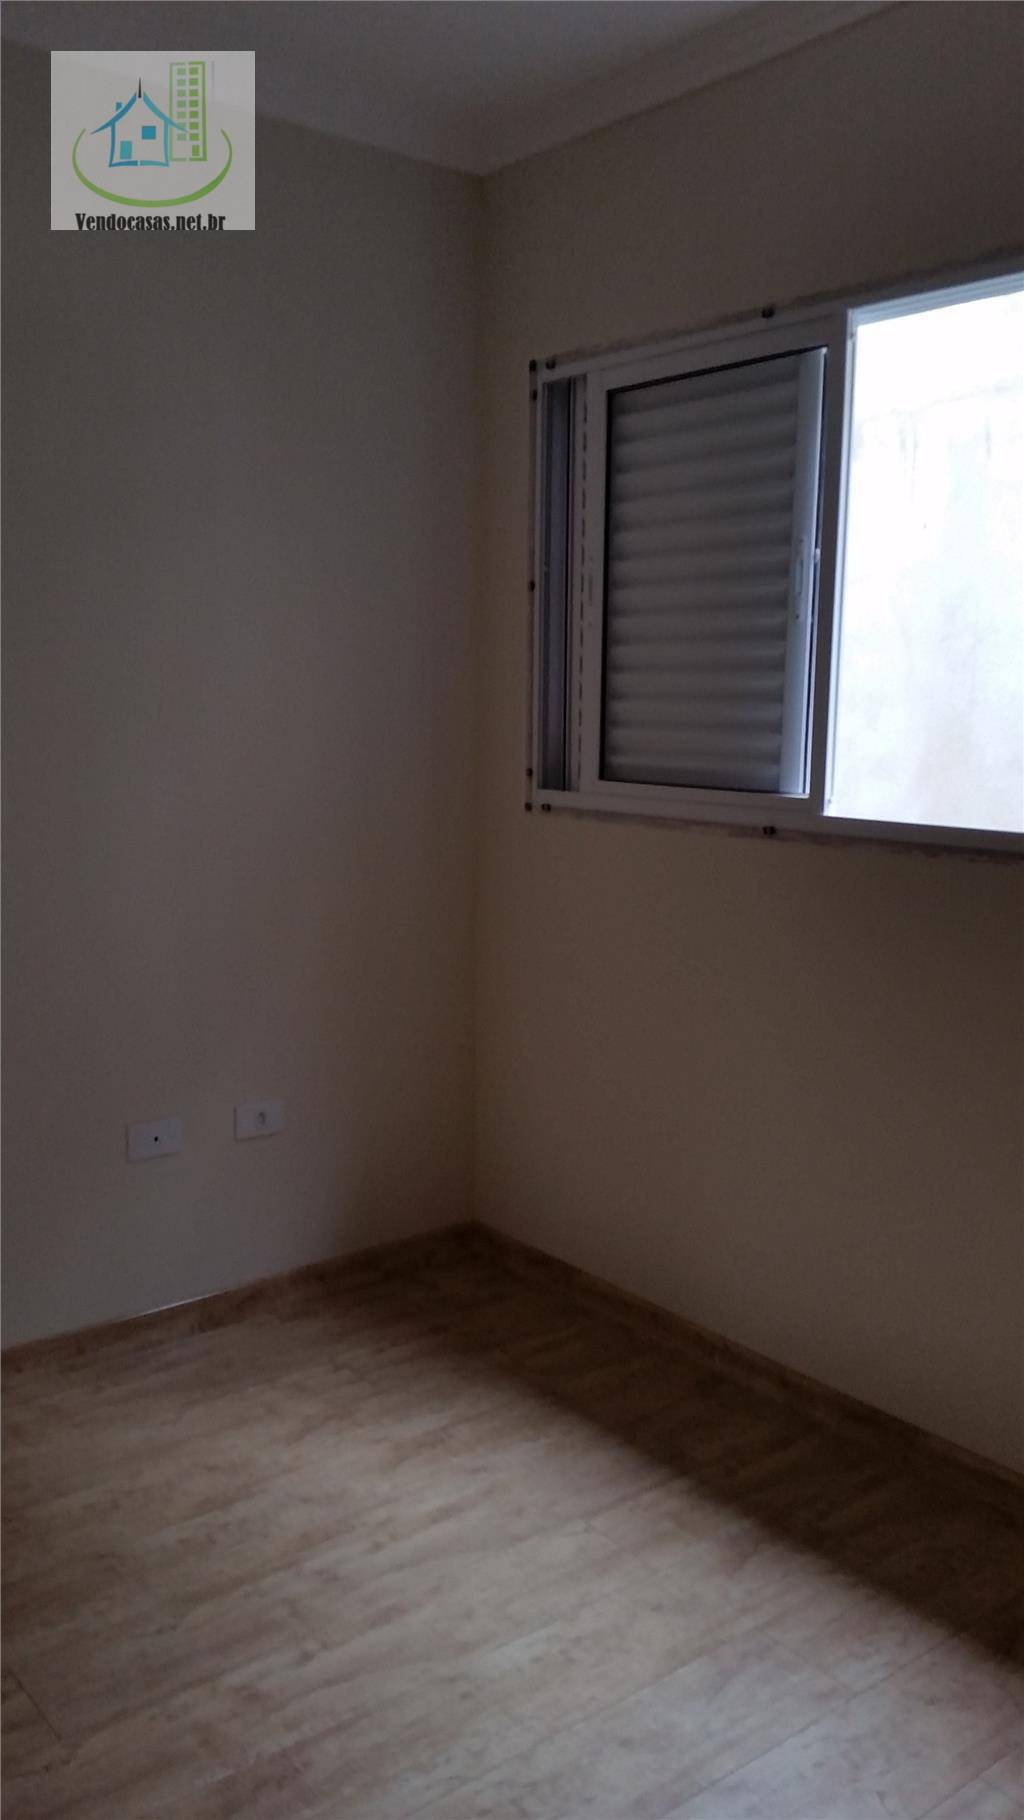 Sobrado de 2 dormitórios à venda em Interlagos, São Paulo - SP